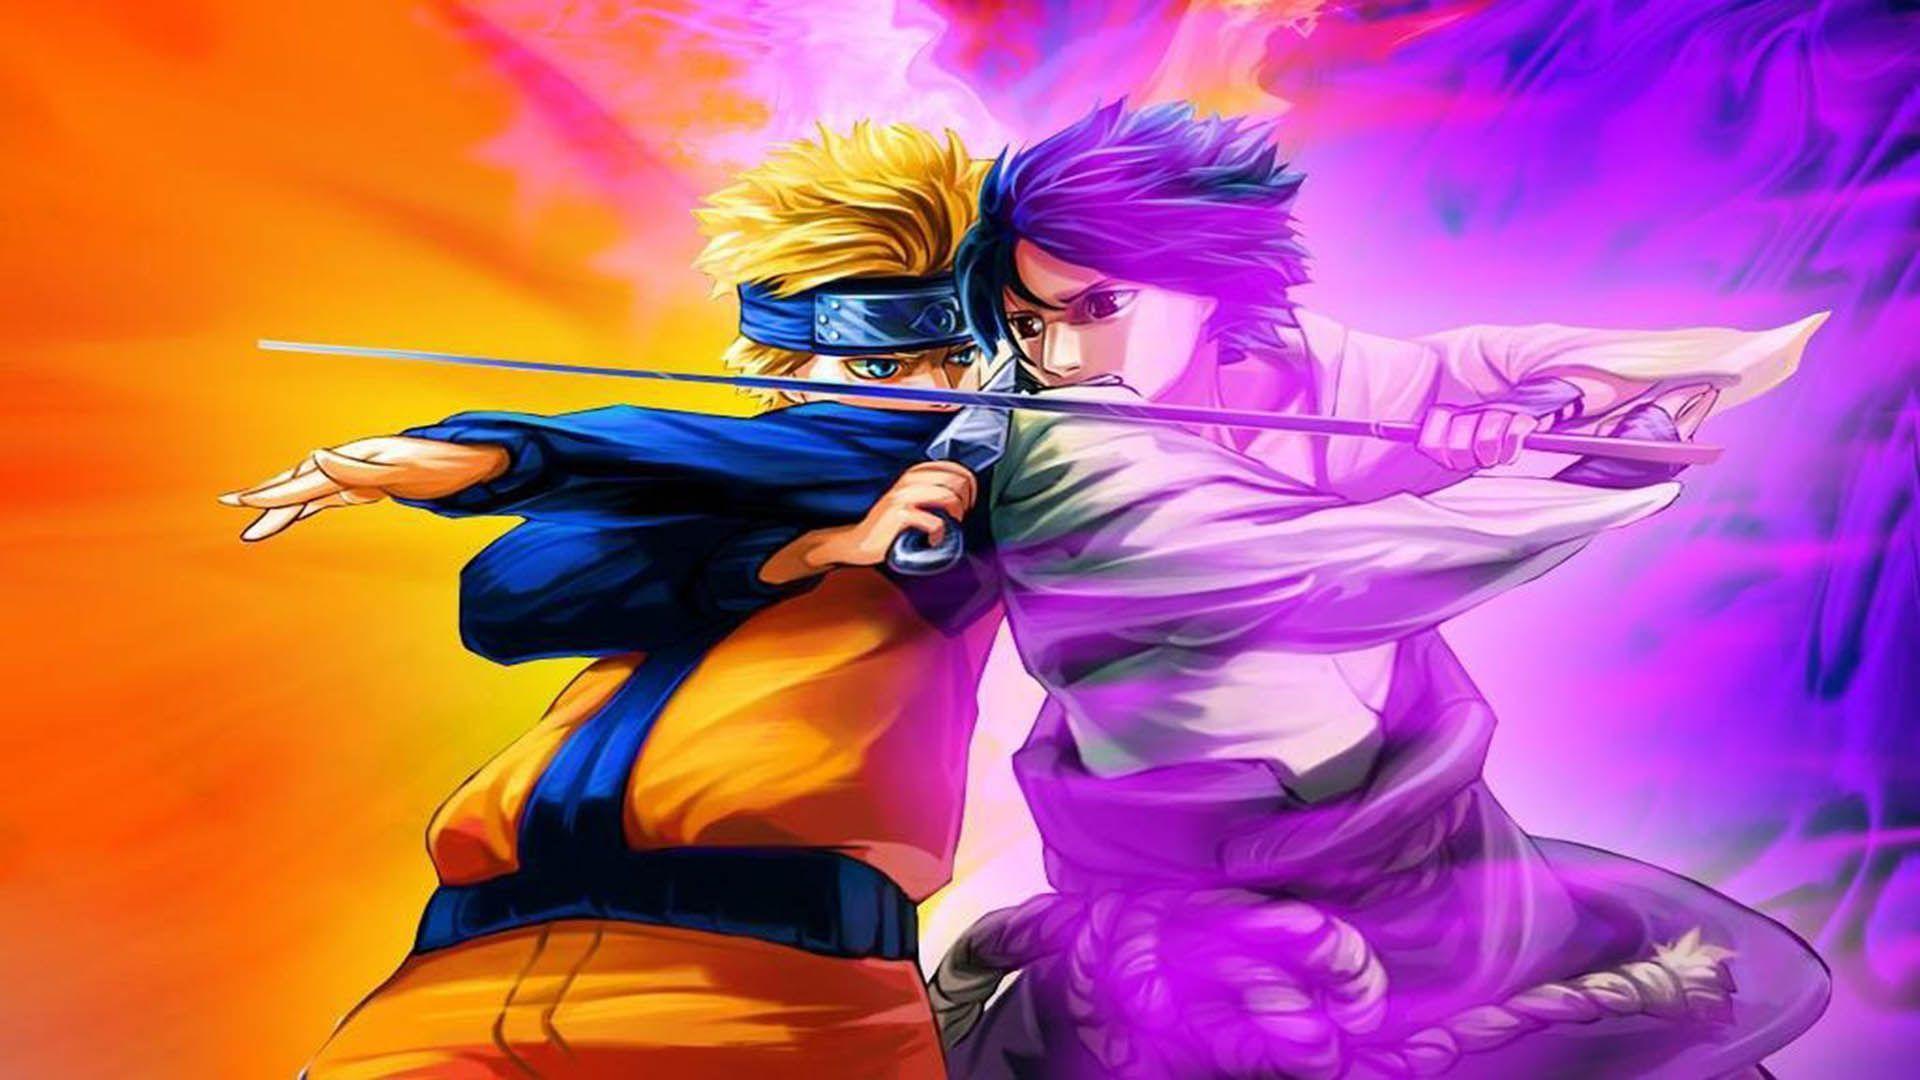 Naruto Vs Sasuke Wallpaper Desktop Monodomo Naruto Vs Sasuke Anime Naruto And Sasuke Wallpaper